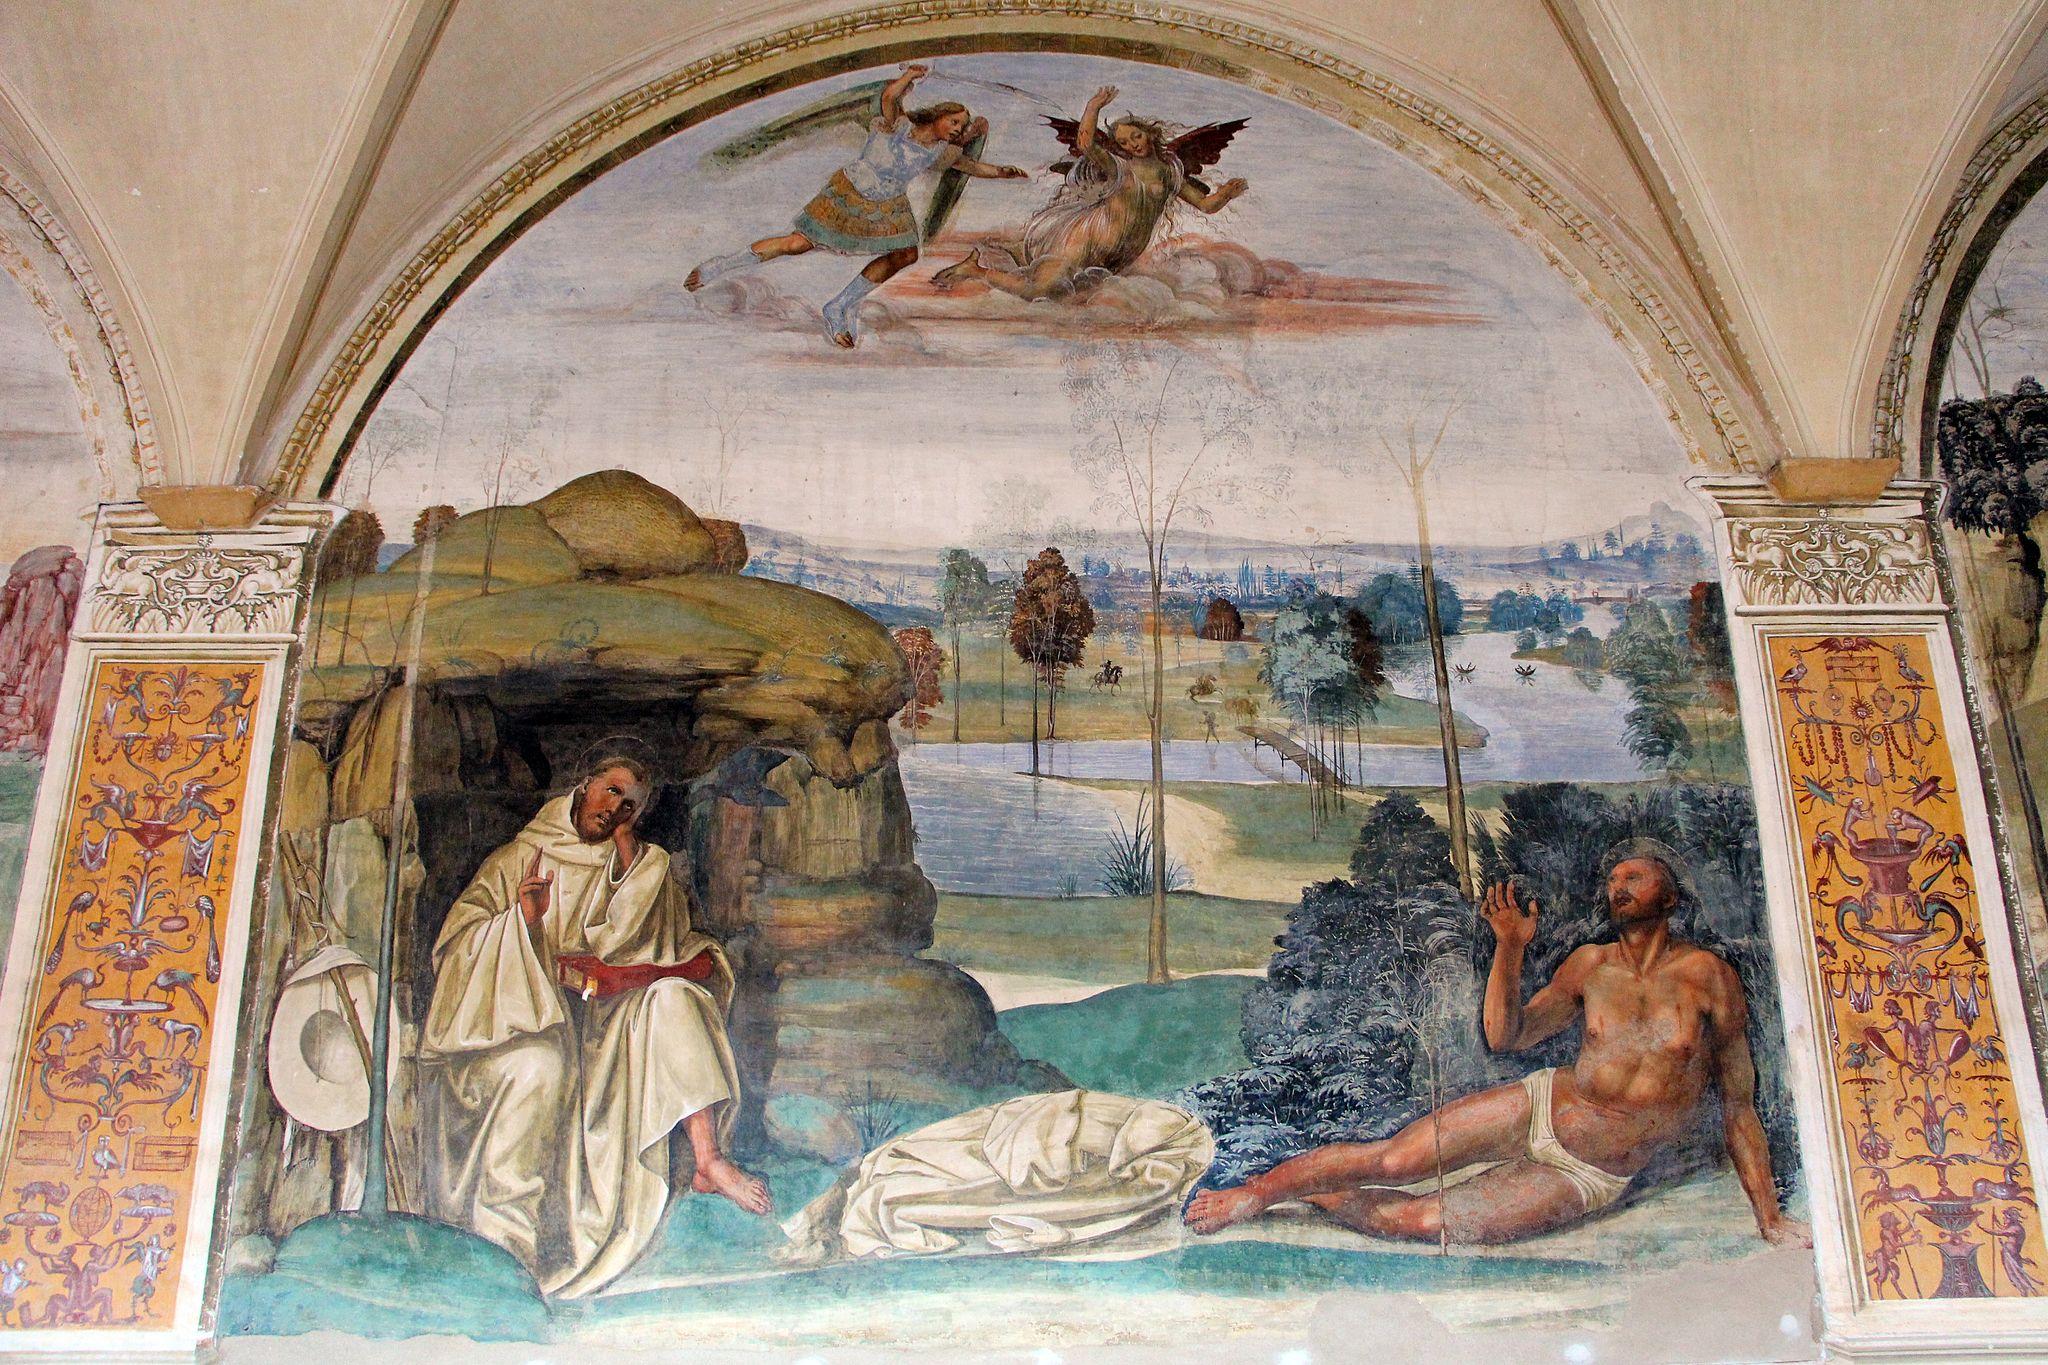 Storie di s. benedetto, 08 sodoma - Come Benedetto tentato d'impurità supera la tentazione 01